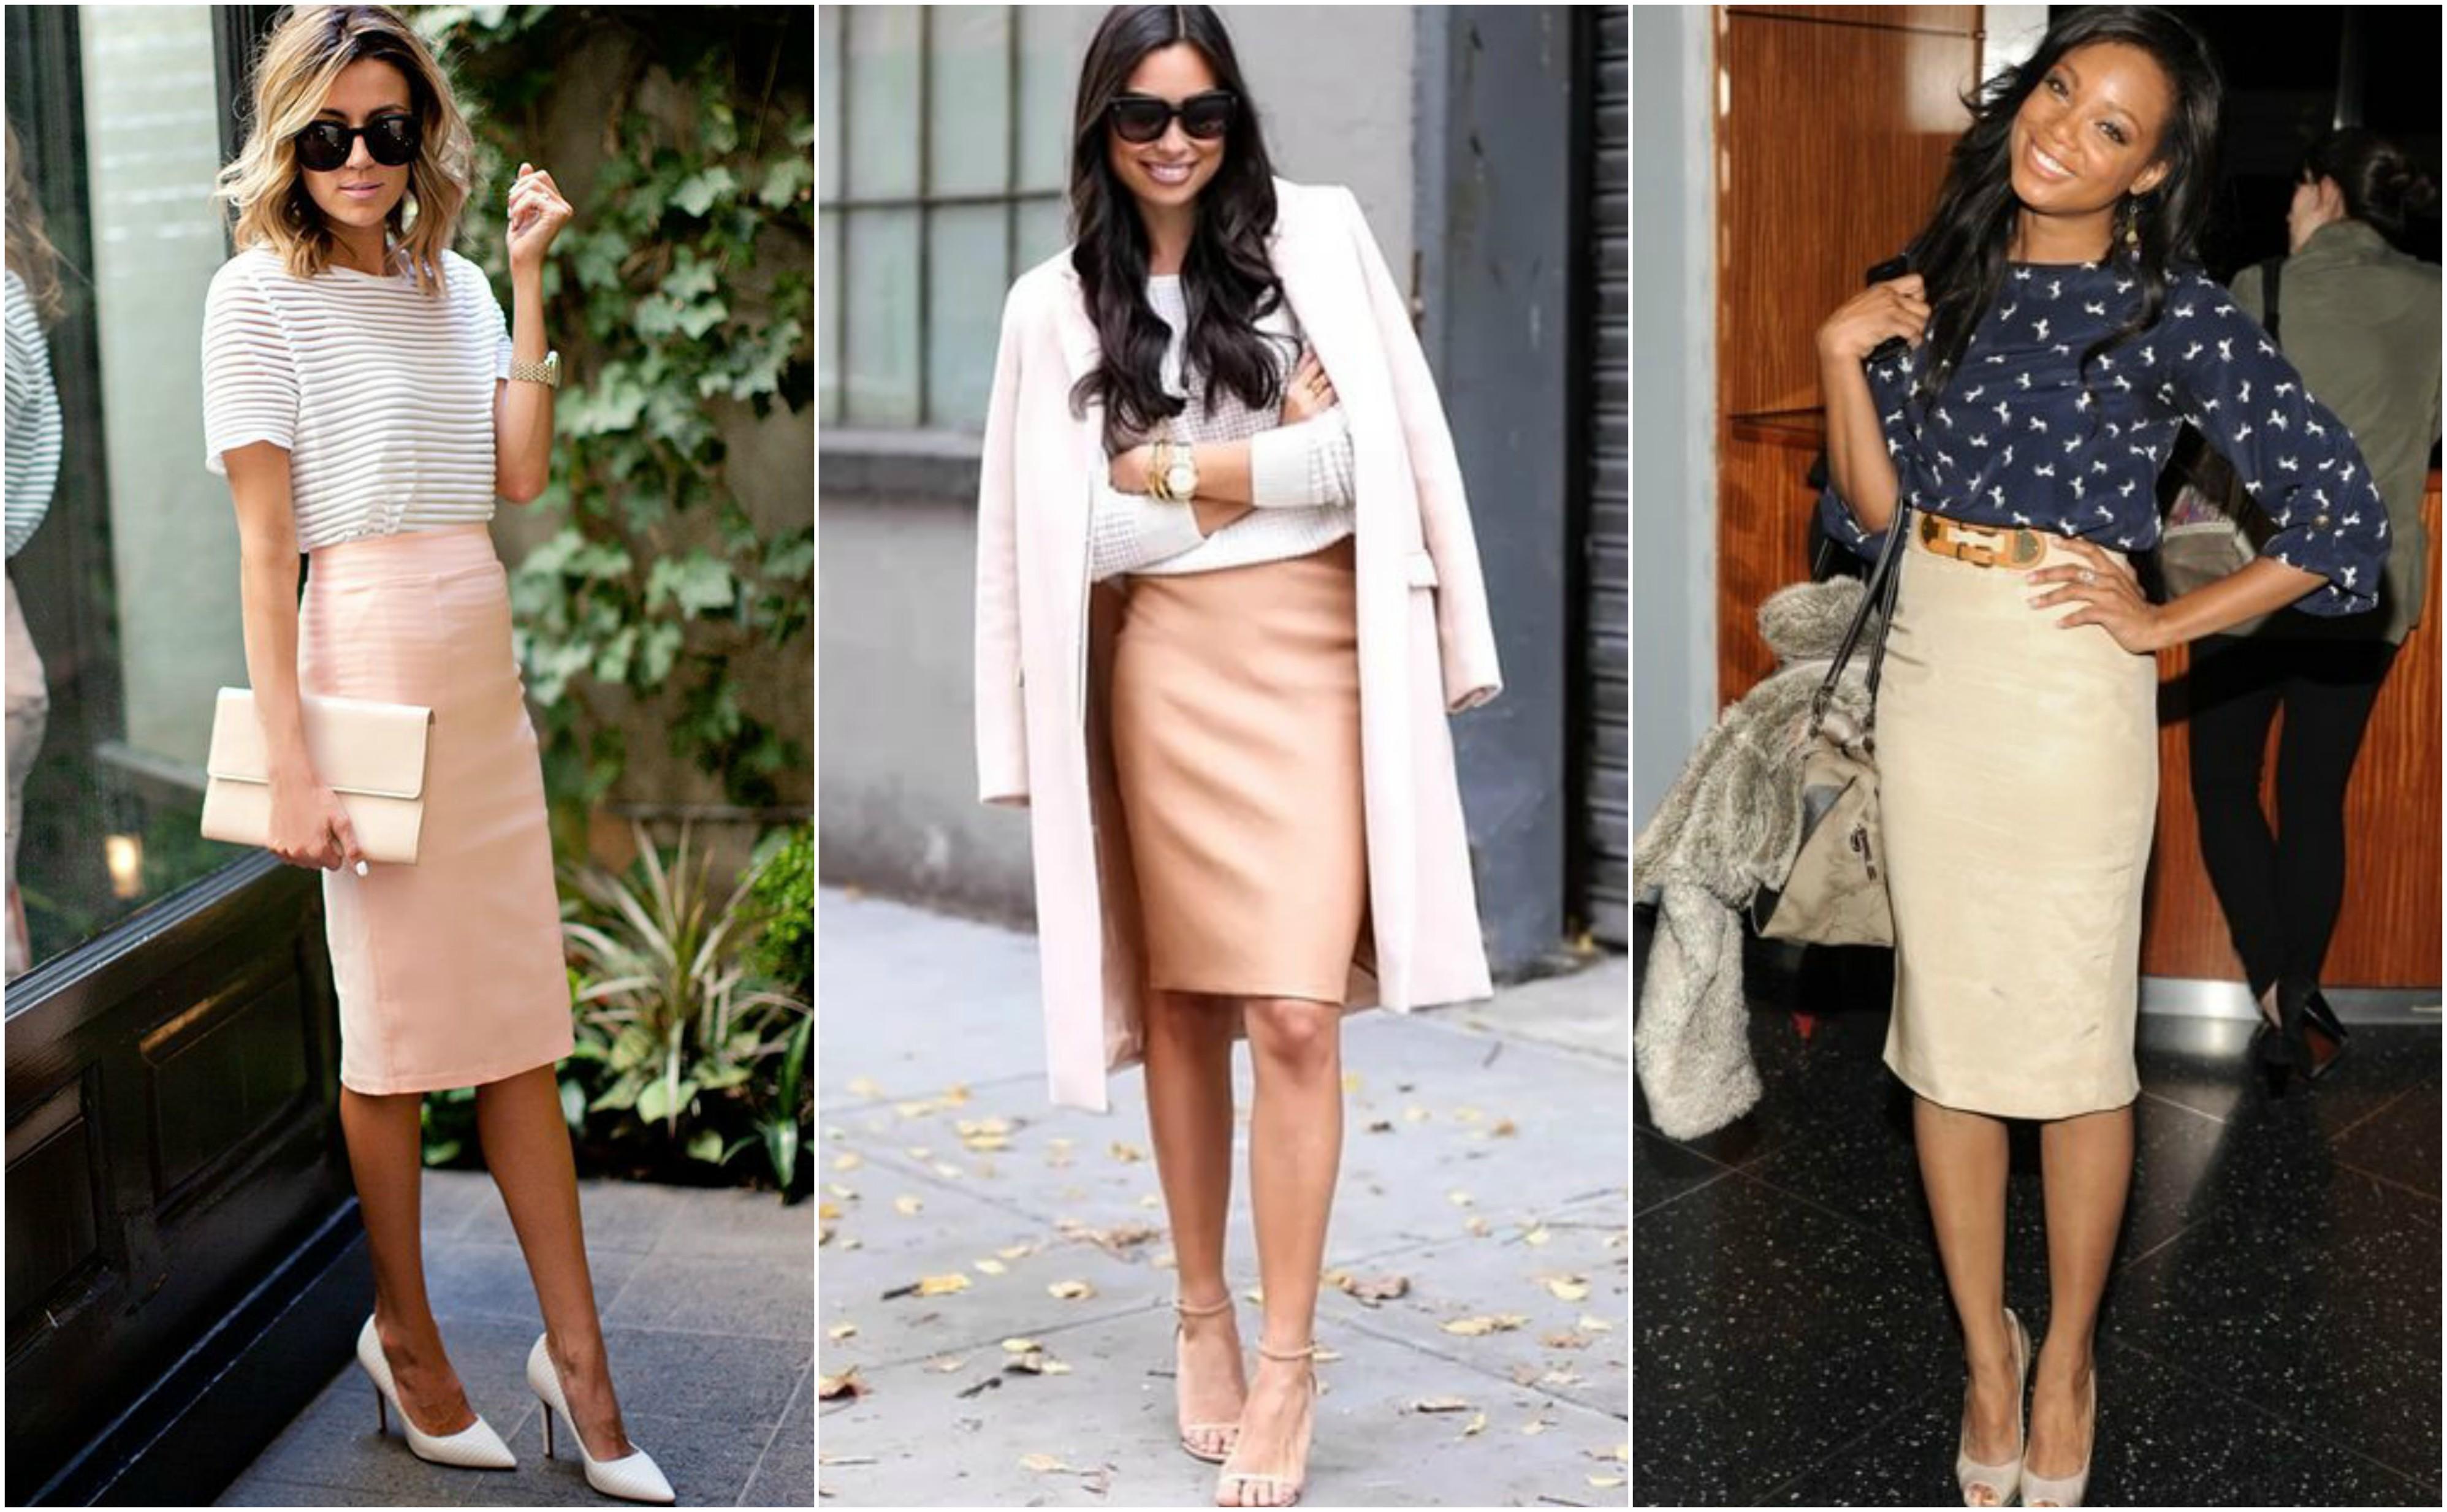 С чем носить бежевую юбку? Комплект «Нейтральный»